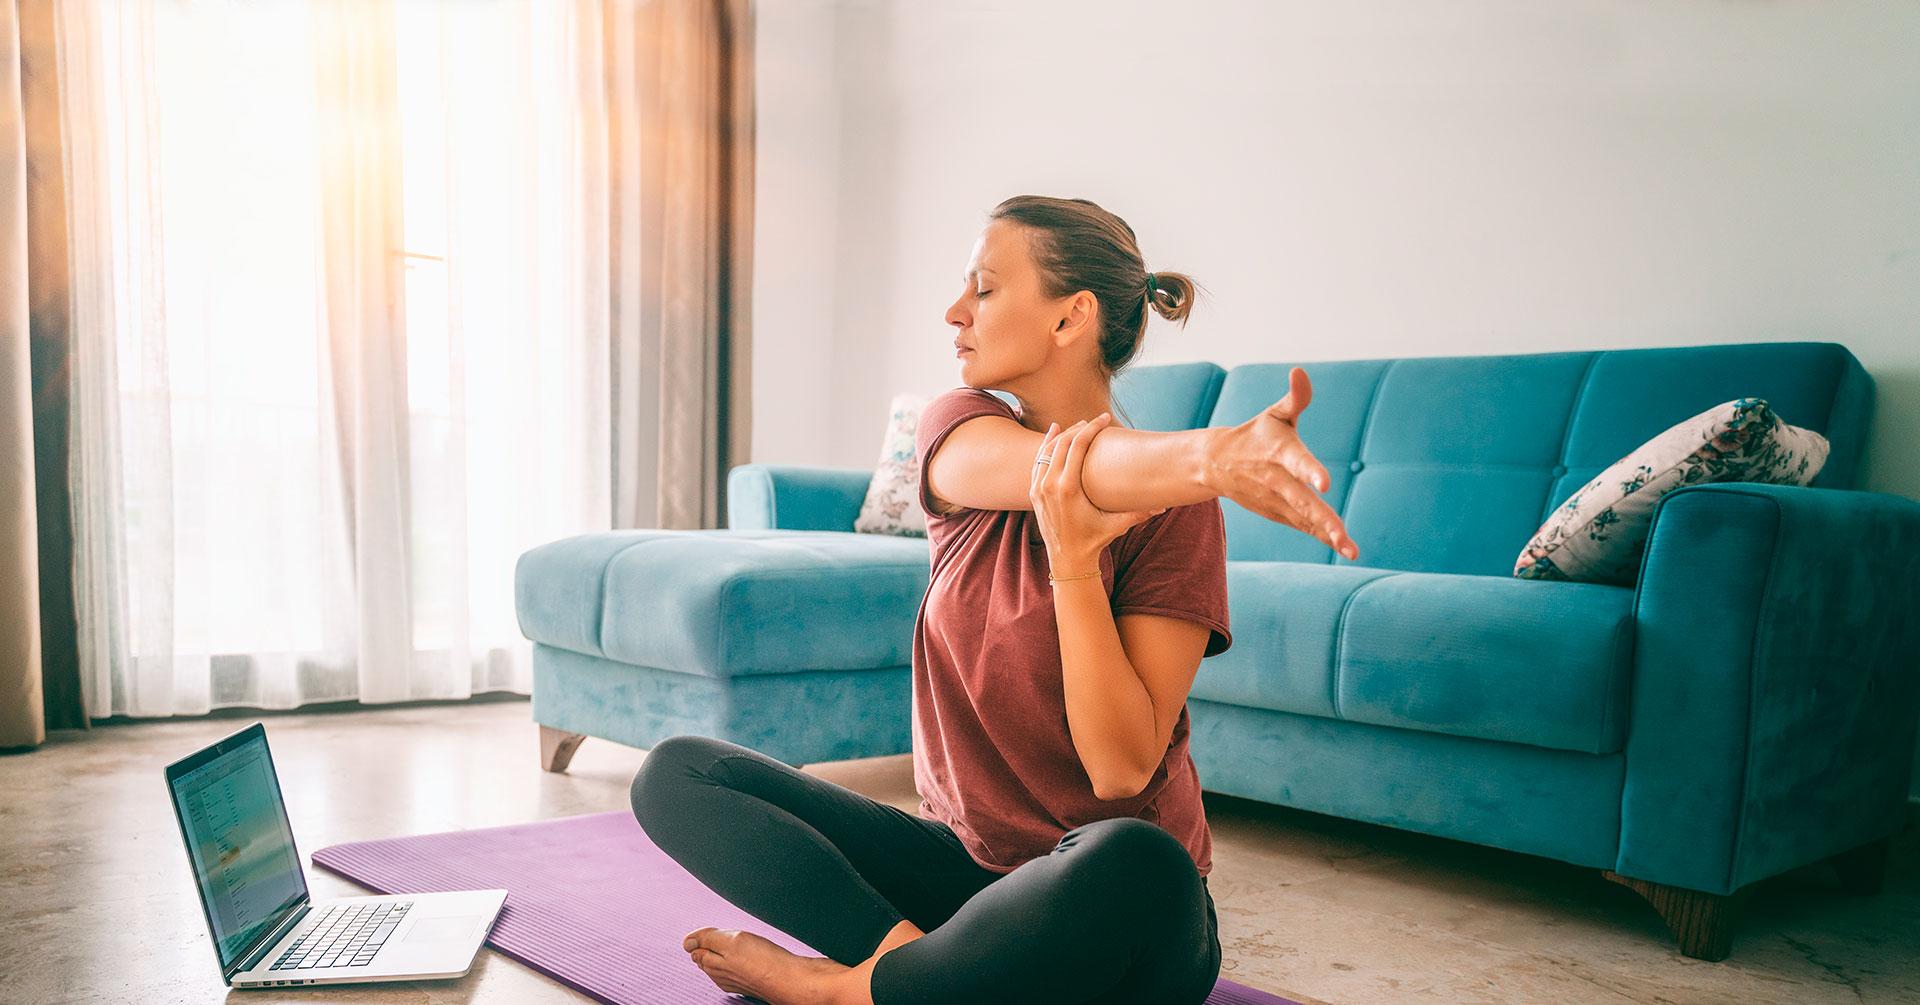 Ejercicios de calentamiento para tu rutina de ejercicios en casa